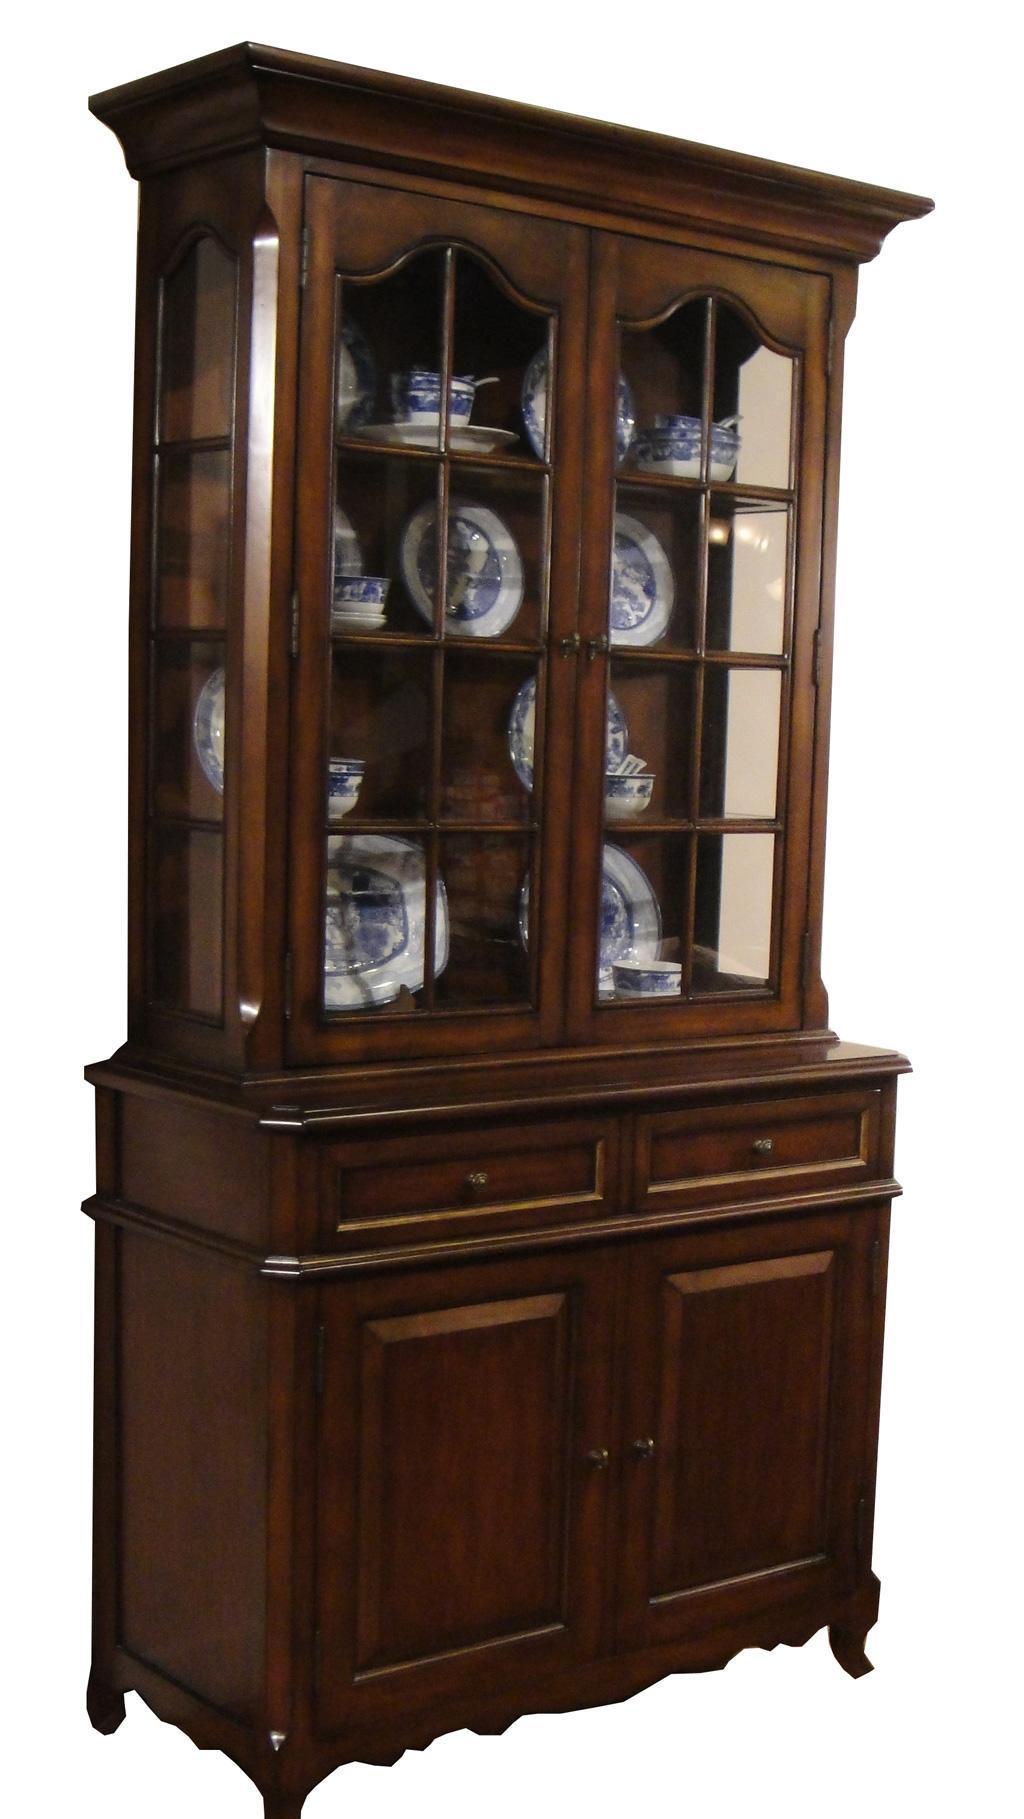 福溢莎士比亚F0911-7352餐具柜F0911-7352